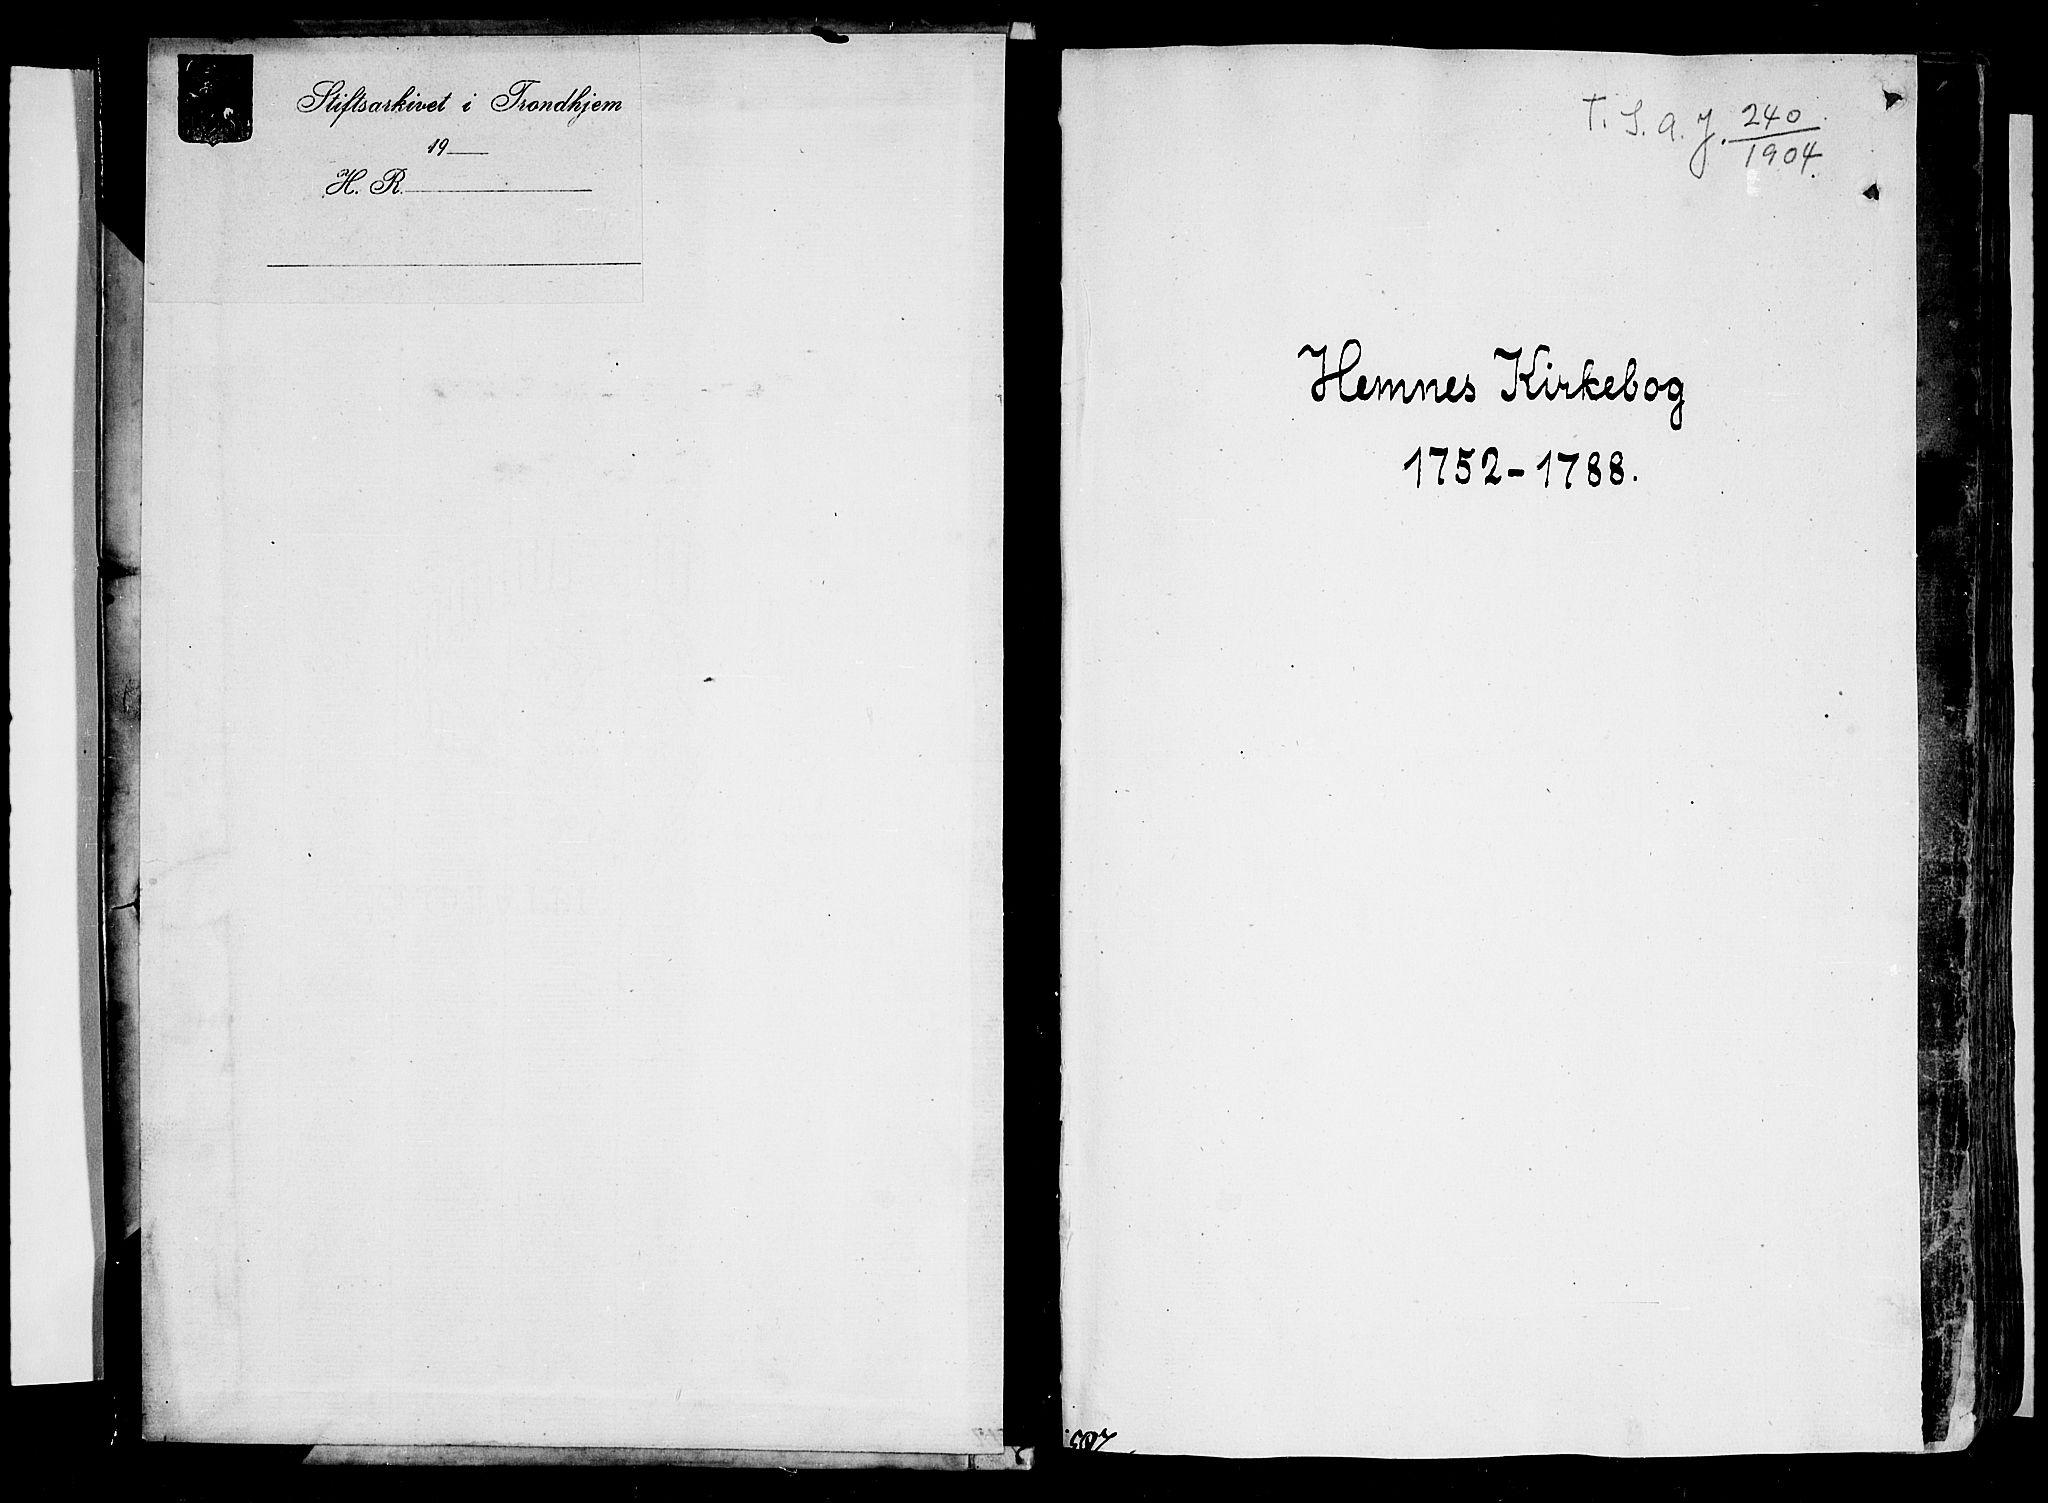 SAT, Ministerialprotokoller, klokkerbøker og fødselsregistre - Nordland, 825/L0348: Parish register (official) no. 825A04, 1752-1788